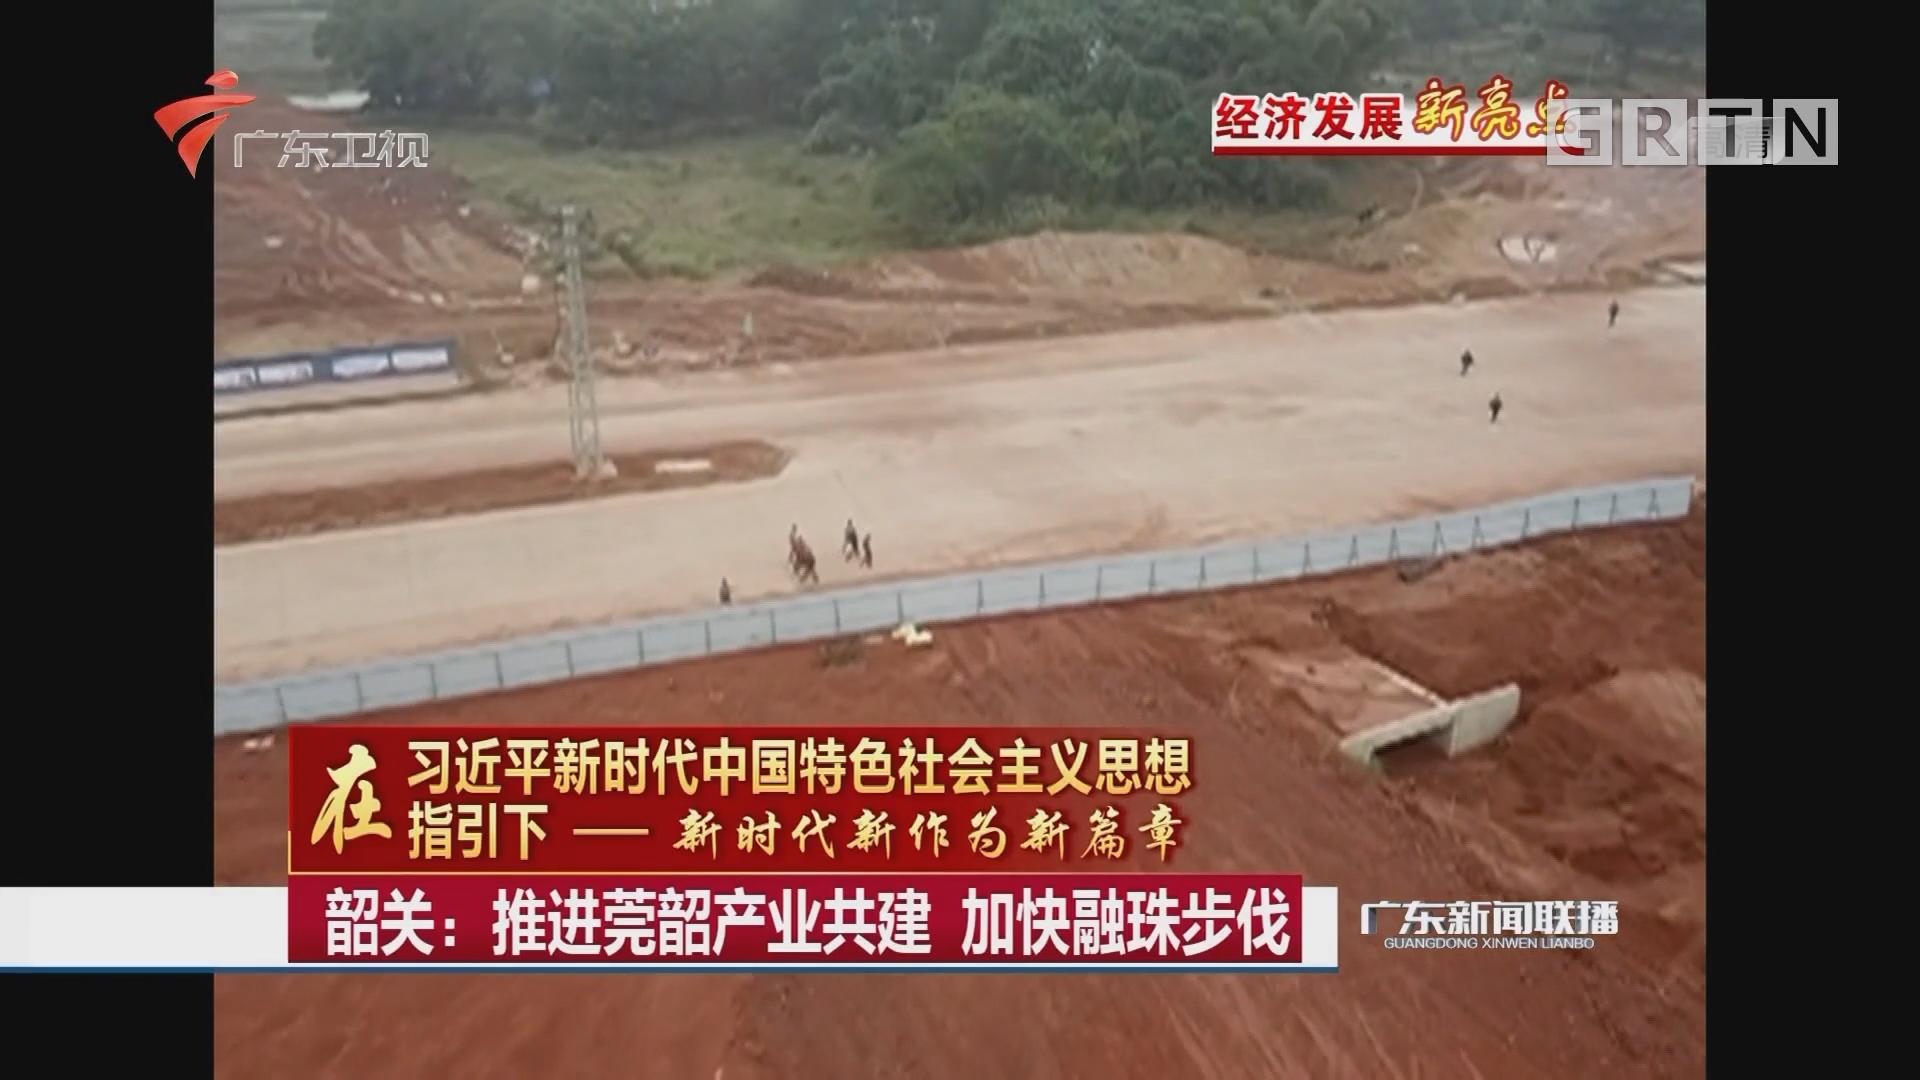 韶关:推进莞韶产业共建 加快融珠步伐